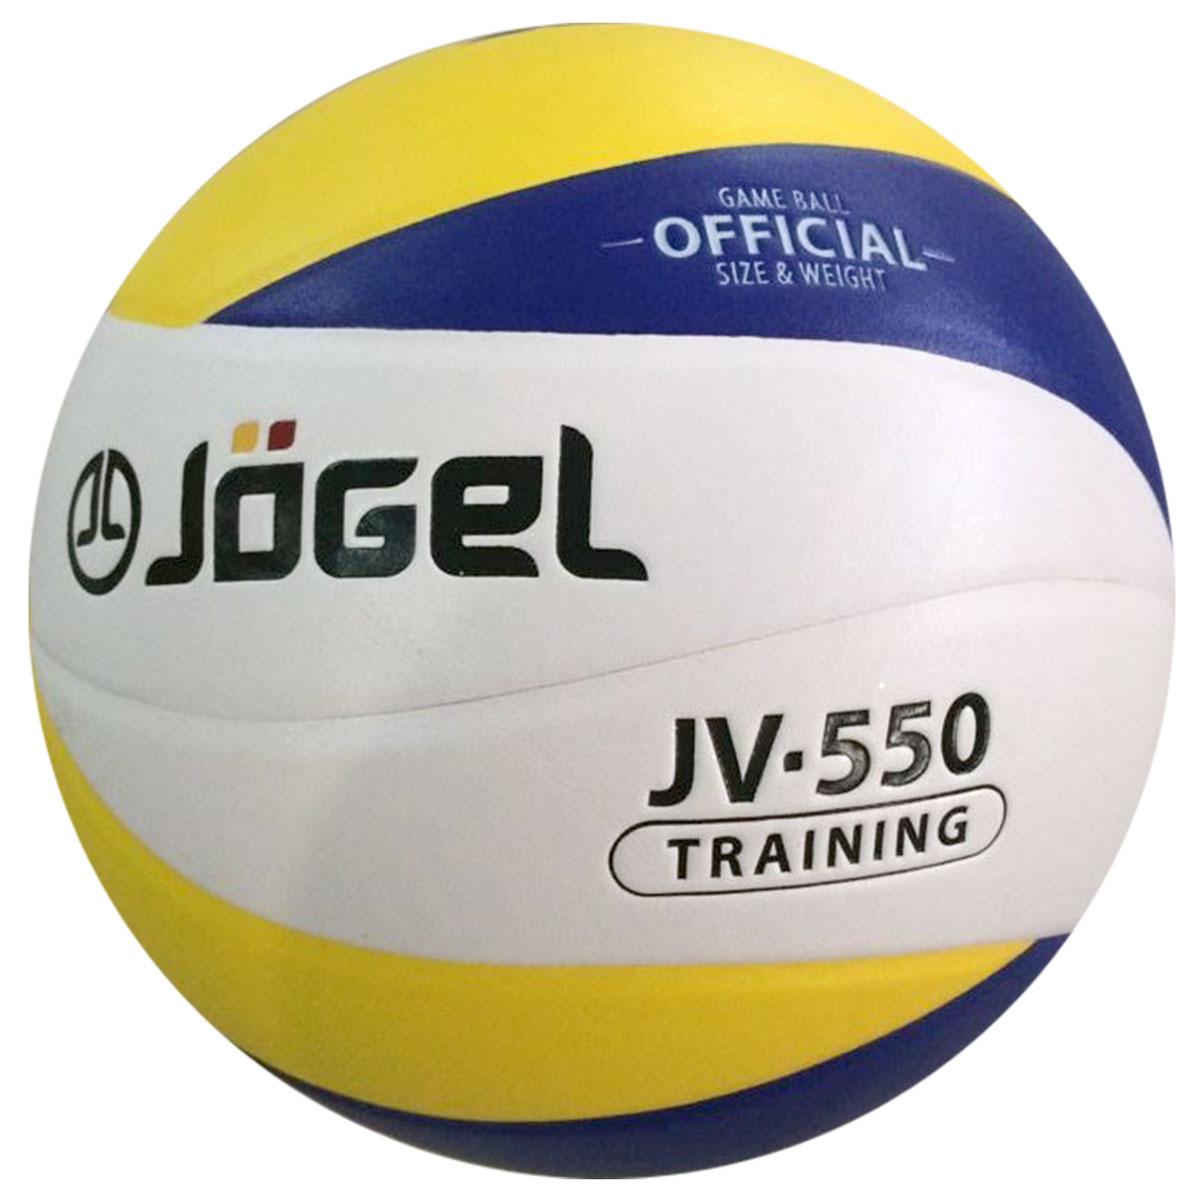 Мяч волейбольный Jogel, цвет: синий, желтый. Размер 5. JV-550УТ-00009343Название: Мяч волейбольный Jgel JV-550 Уровень: Тренировочный мяч Серия: TRAINING Описание: Jogel JV-550 клееный тренировочный мяч из новой Коллекции 12-панельных мячей Jogel. Уникальный дизайн панелей, новинка на российском рынке! Поверхность мяча выполнена из синтетической кожи (полиуретан), обладающей хорошей износостойкостью и высокими игровыми характеристиками. Мяч состоит из 12-ти панелей, оснащен бутиловой камерой и армирован подкладочным слоем из ткани. Рекомендован для любительской игры, тренировок и соревнований любительских команд и команд среднего уровня. Данный мяч подходит для поставок на гос. тендеры, образовательные учреждения и спортивные секции. Официальный размер и вес FIBV. Рекомендованные покрытия: Паркет, песок, резина Материал покрышки: Синтетическая кожа (полиуретан) Материал камеры: Бутил Тип соединения панелей: Клееный Количество панелей: 12 Размер: 5 Вес: 260-280 гр. Длина окружности: 65-67 см Рекомендованное давление: 0.29-0.32 бар Количество в коробке:...